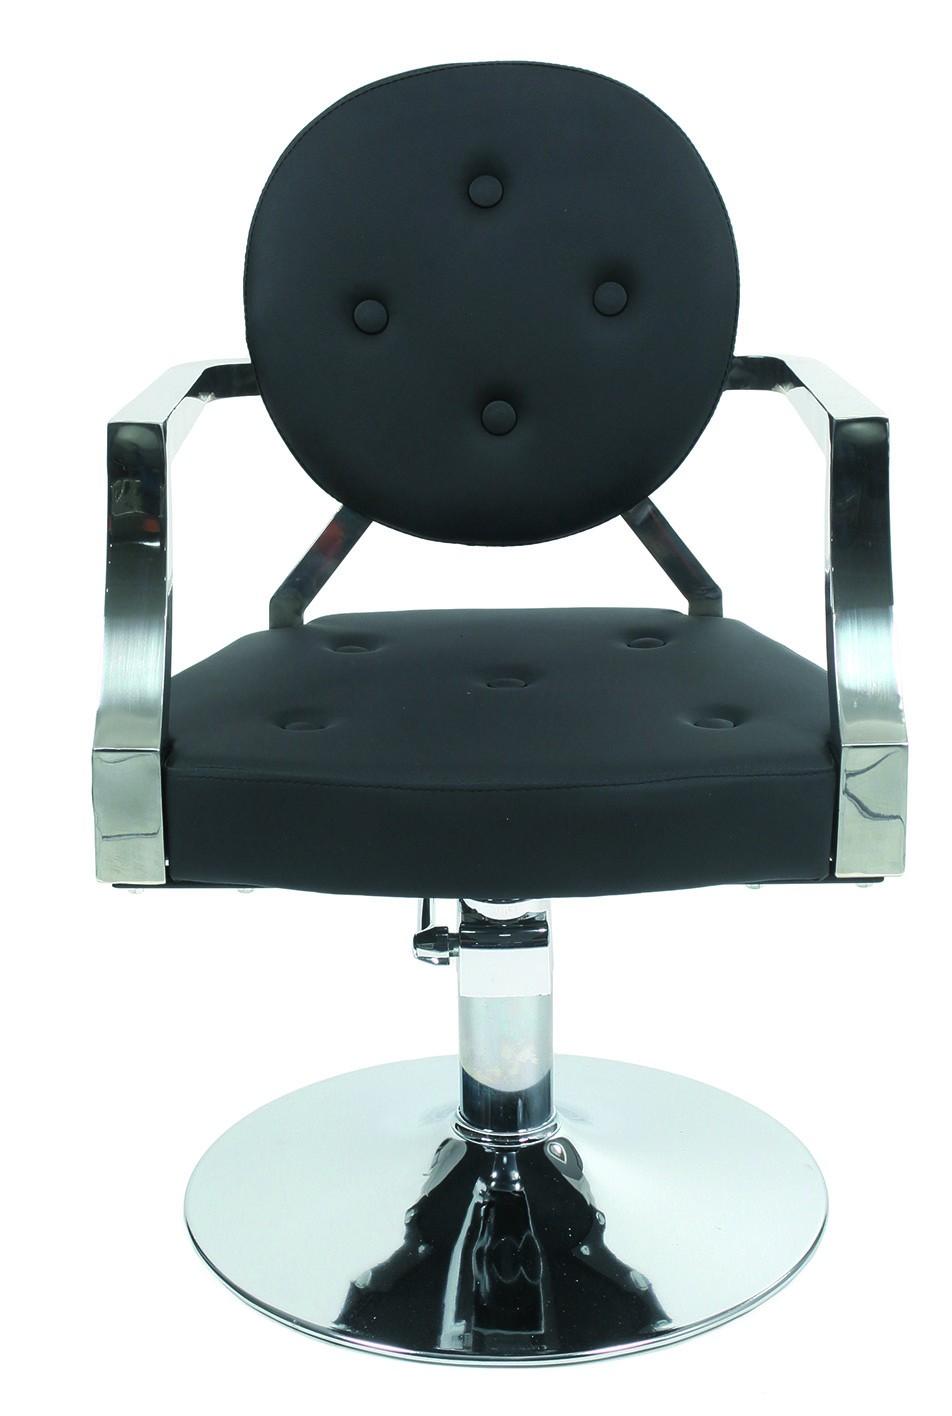 """כיסא לקוח הידראולי דגם 6309. בוכנה גבוהה. אחריות שנתיים על הבוכנה. מחיר לא כולל מע""""מ ולא כולל הובלה."""